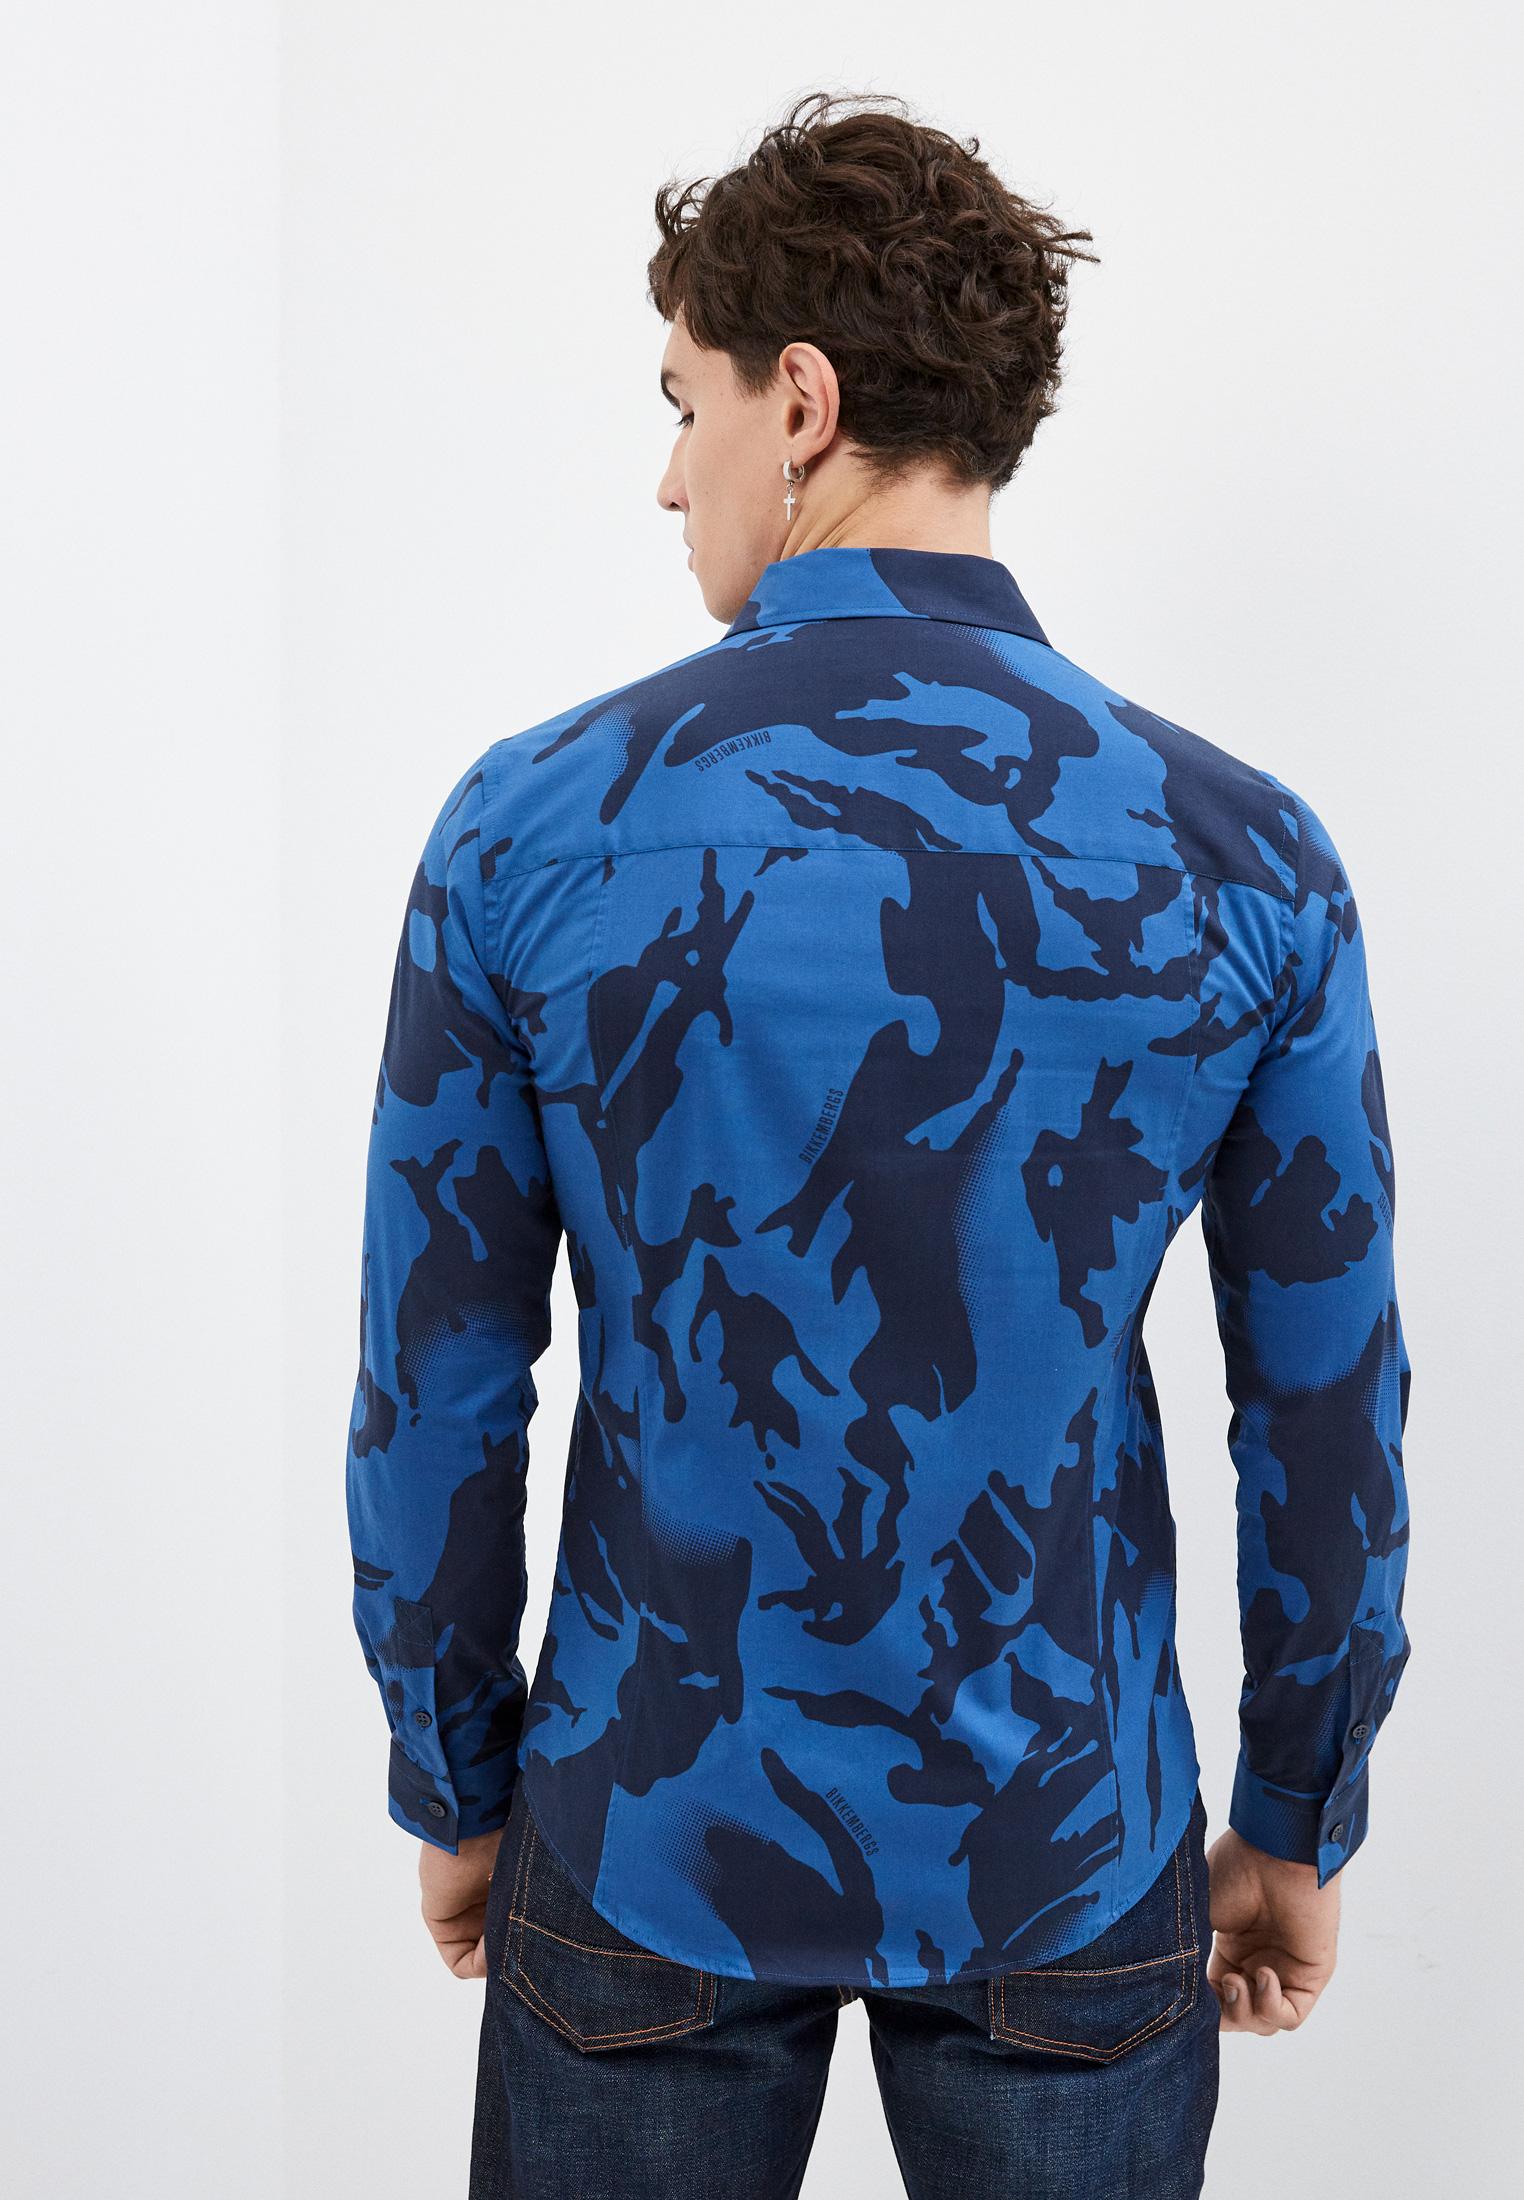 Рубашка с длинным рукавом Bikkembergs C C 009 00 S 3469: изображение 4